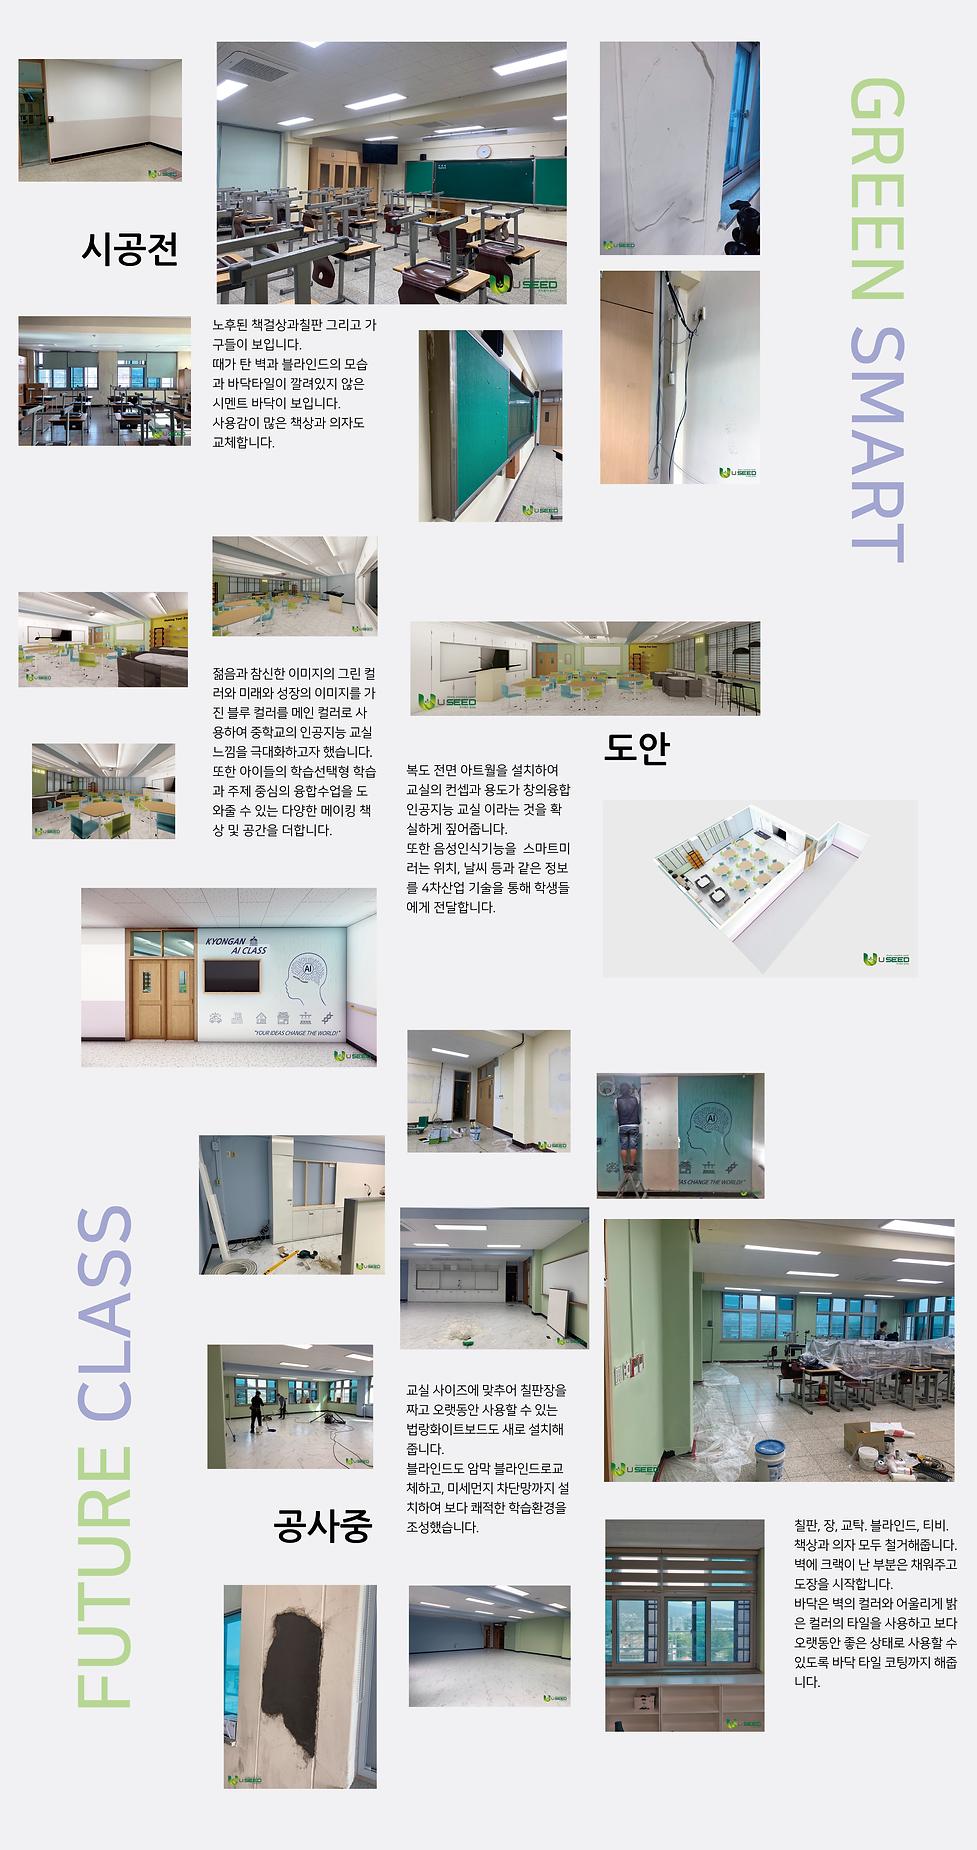 교육 공간 구축-4.png